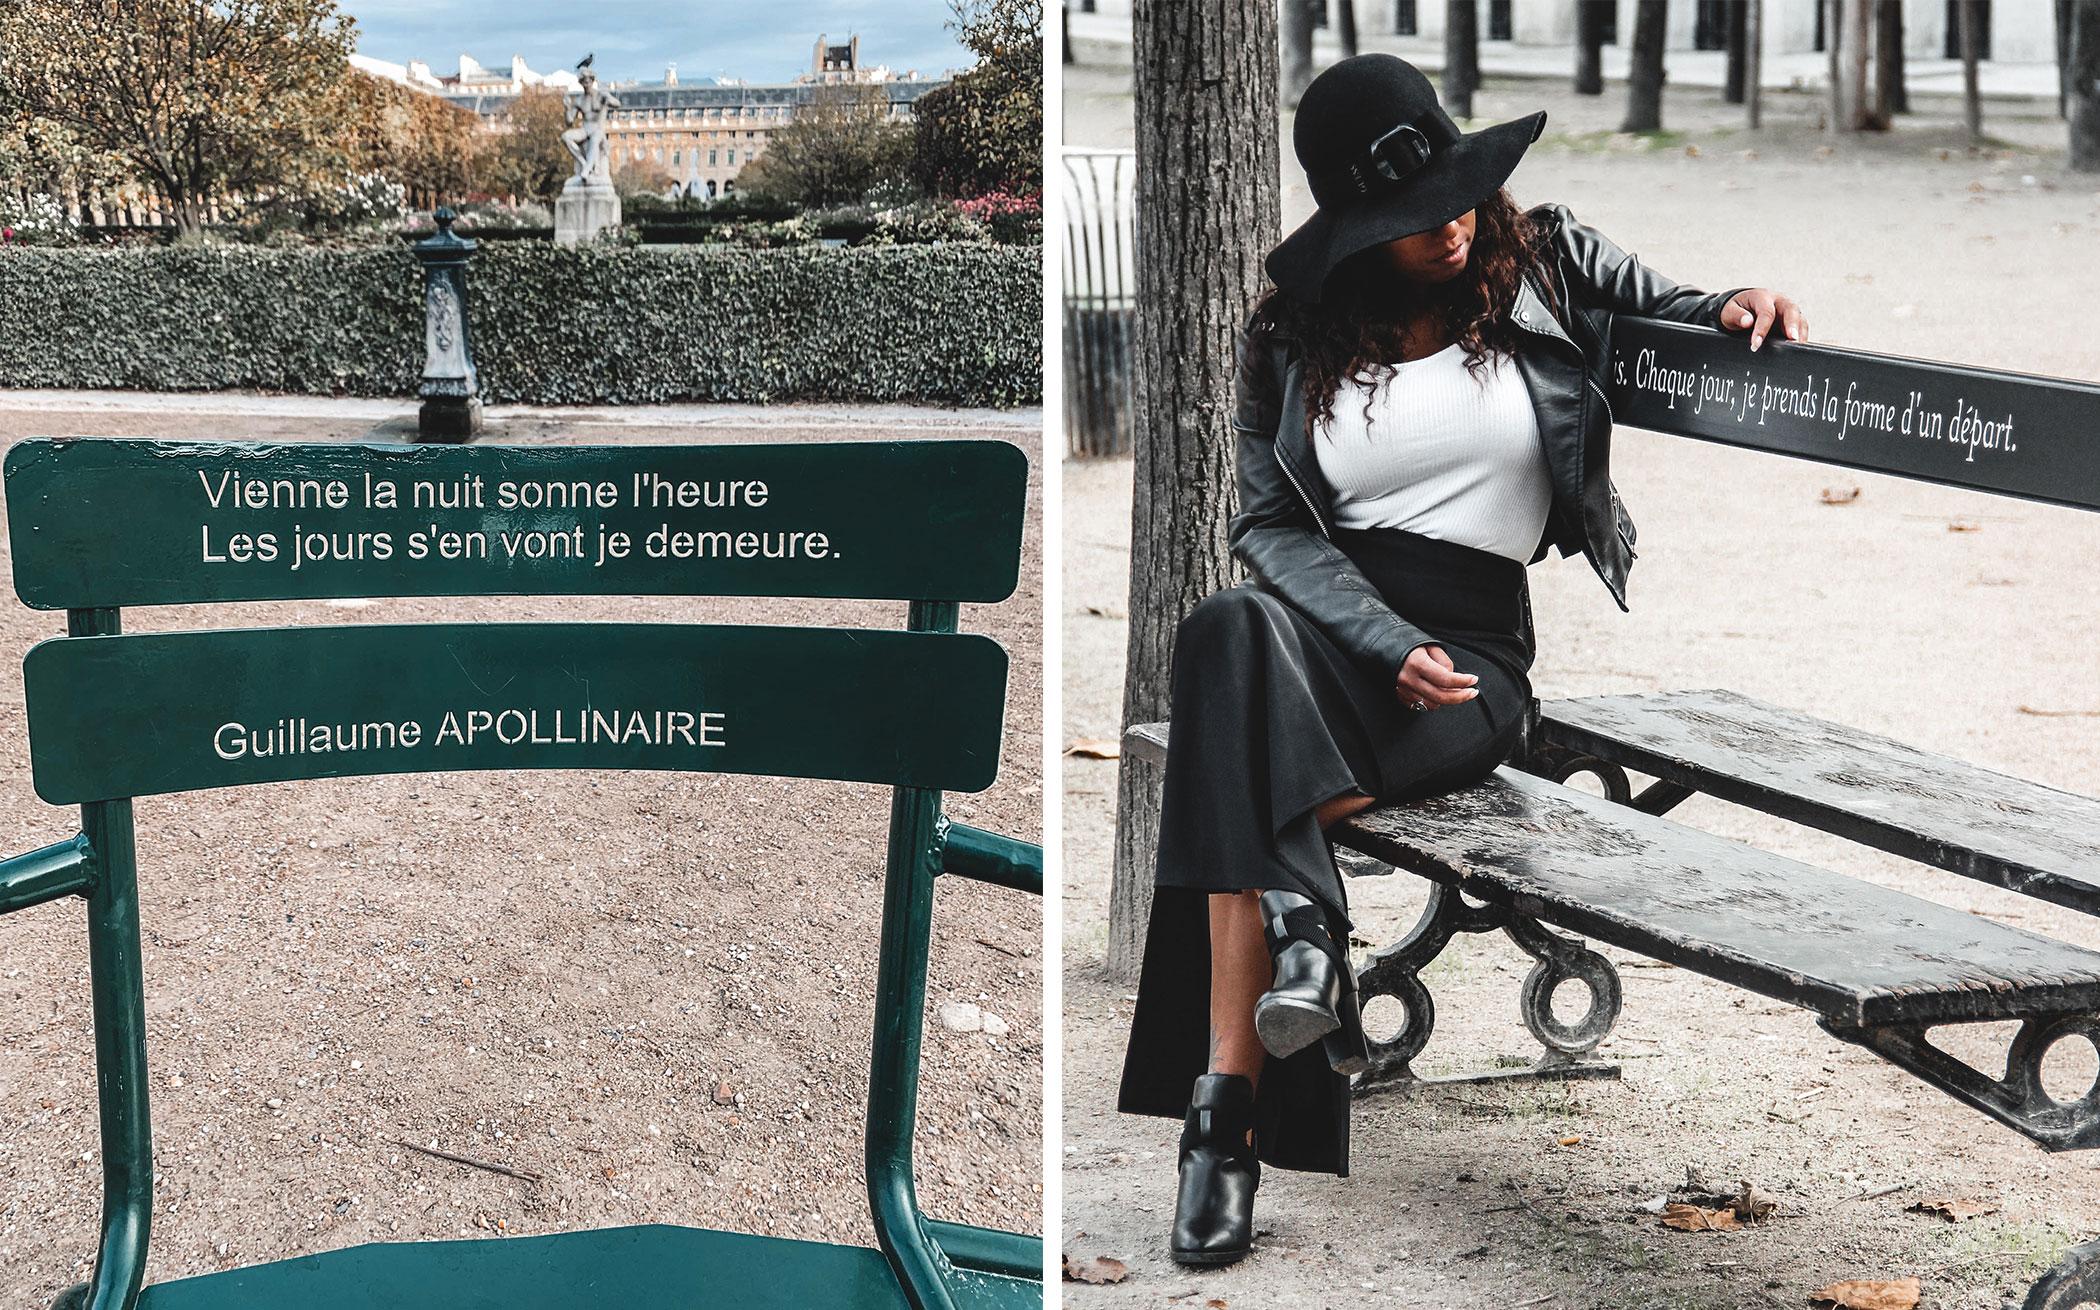 Jardin du Petit Palais, Le parfait itinéraire si vous aimez vous baladez dans l'art Parisien